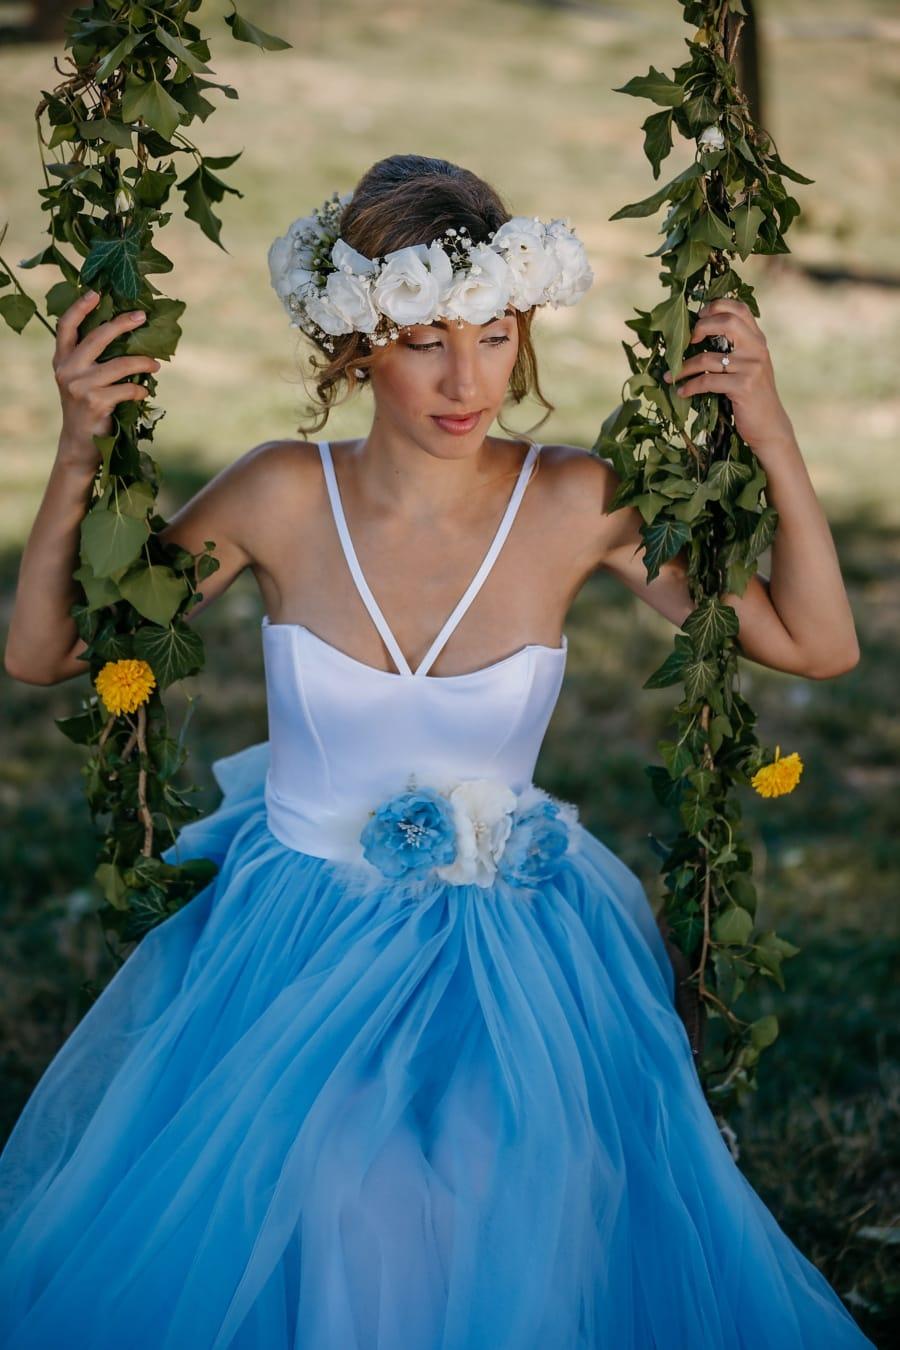 Nymphe, herrlich, Göttin, hübsches mädchen, Schaukel, Kleid, Blumen, Rock, Braut, Mode